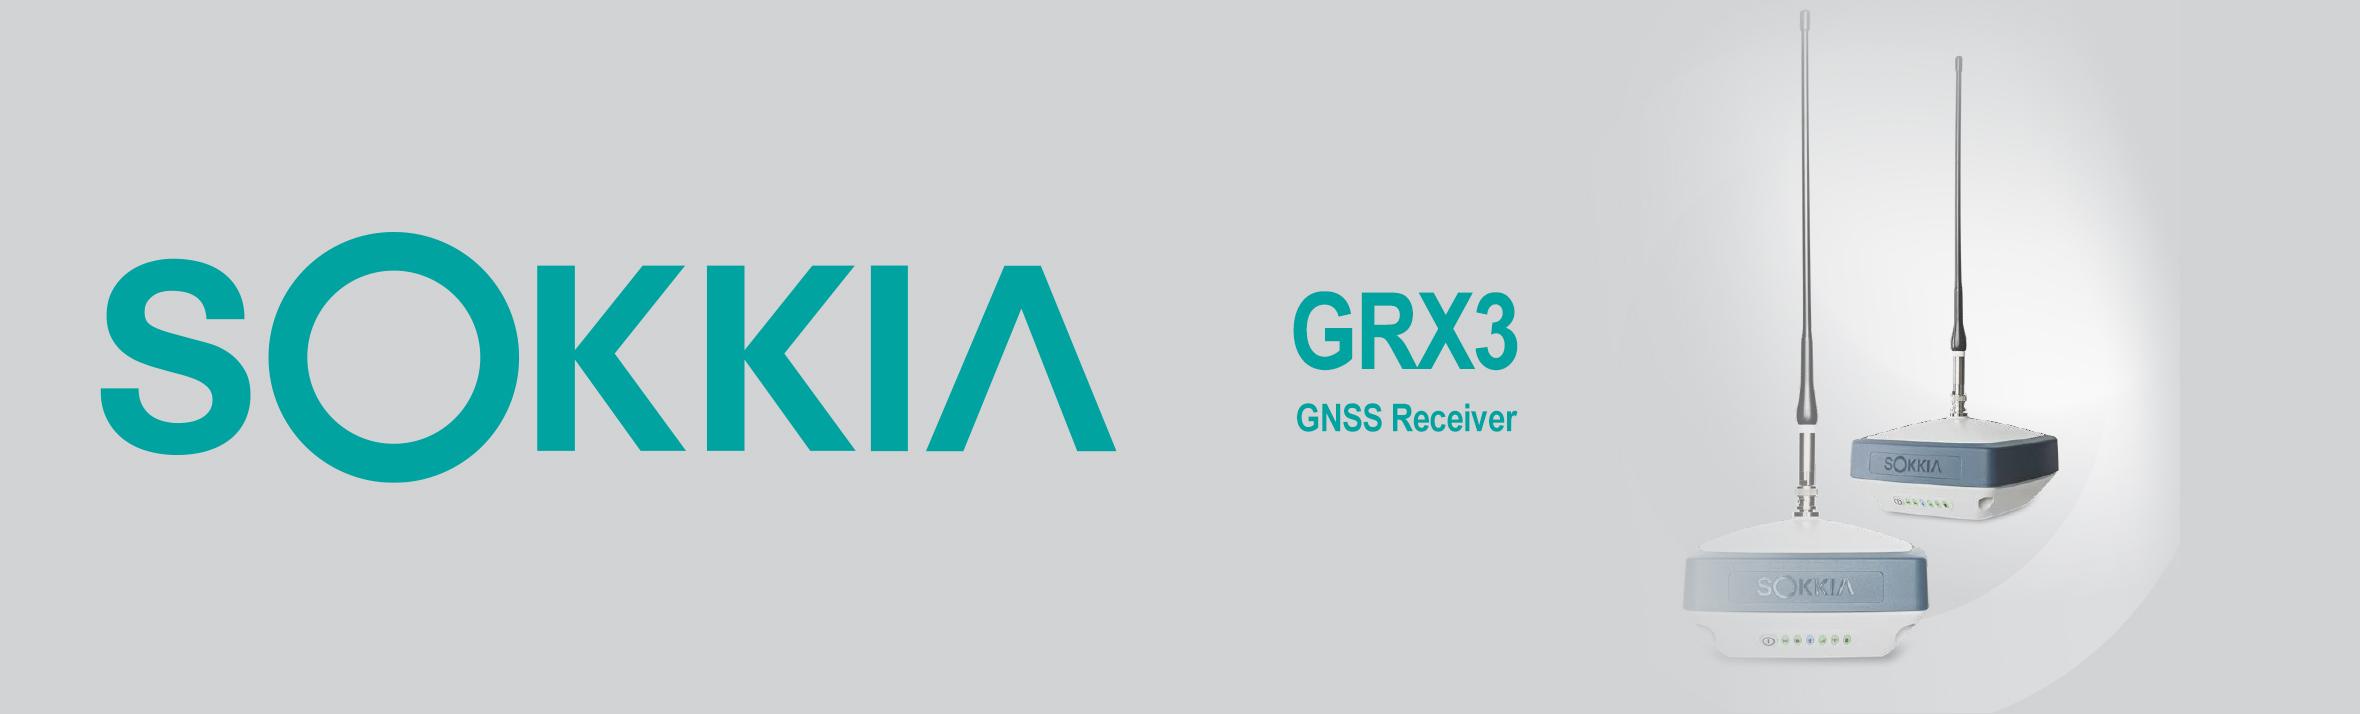 Sokkia GRX3